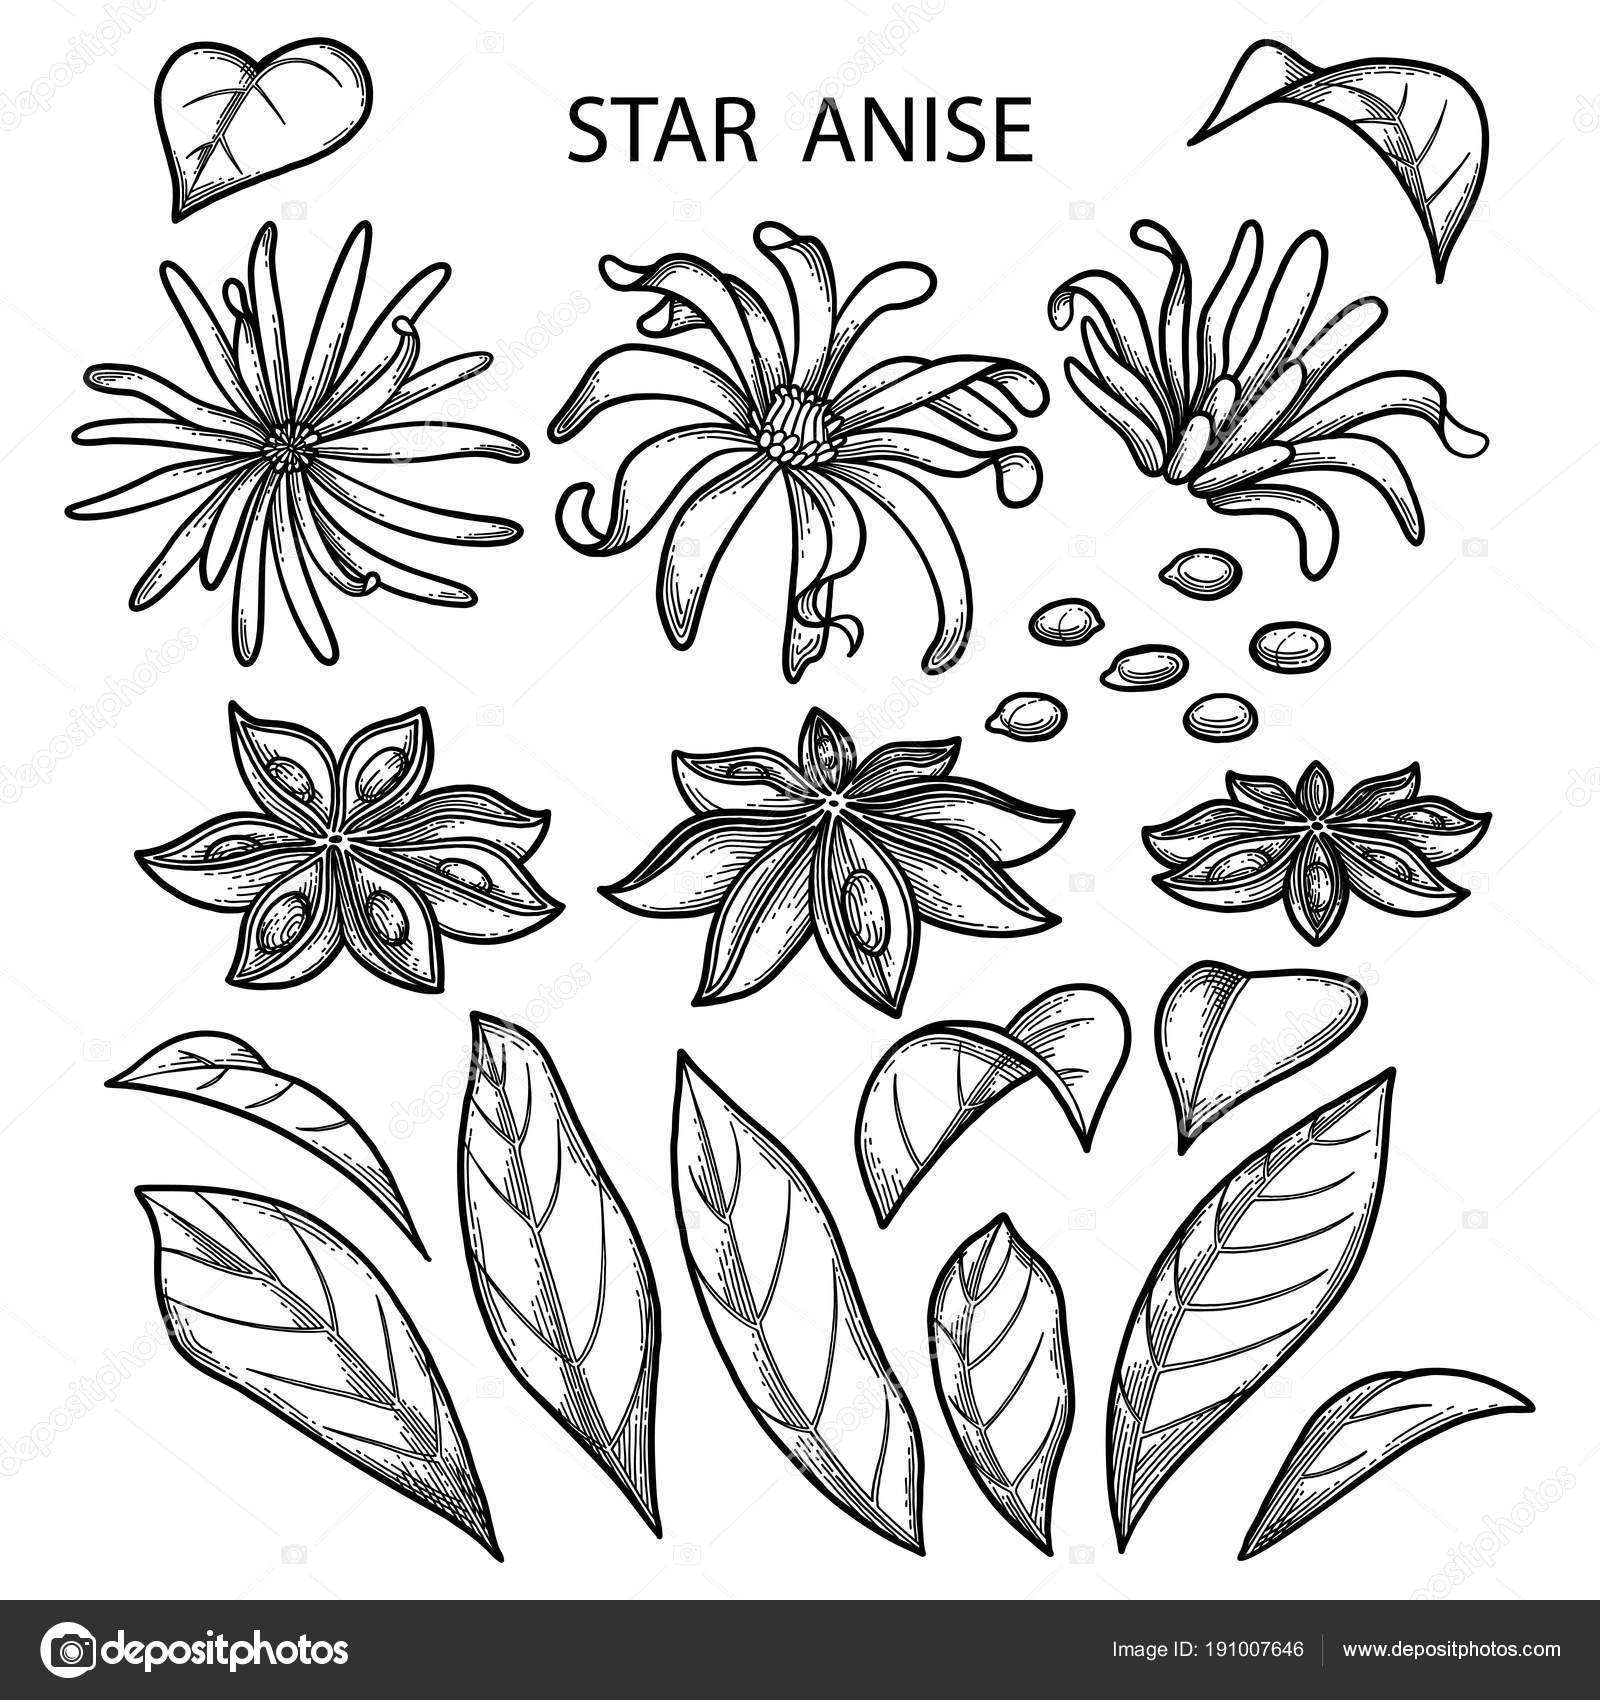 Imágenes Anis Para Dibujar Gráfico Estrellas De Anís Vector De